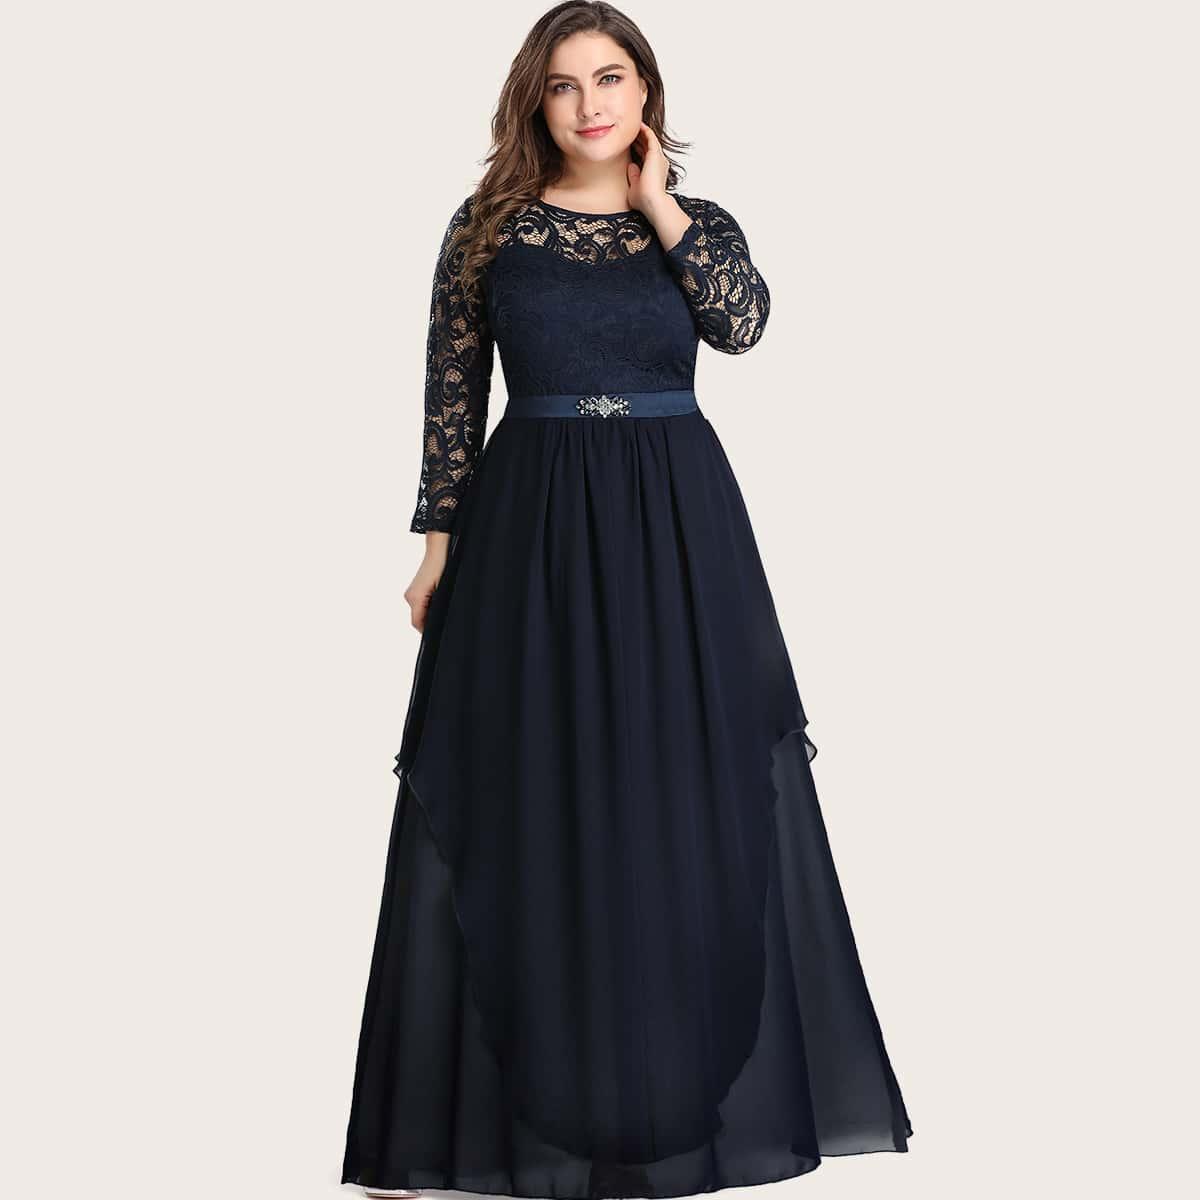 Шифоновое платье размера плюс со стразами и кружевной отделкой